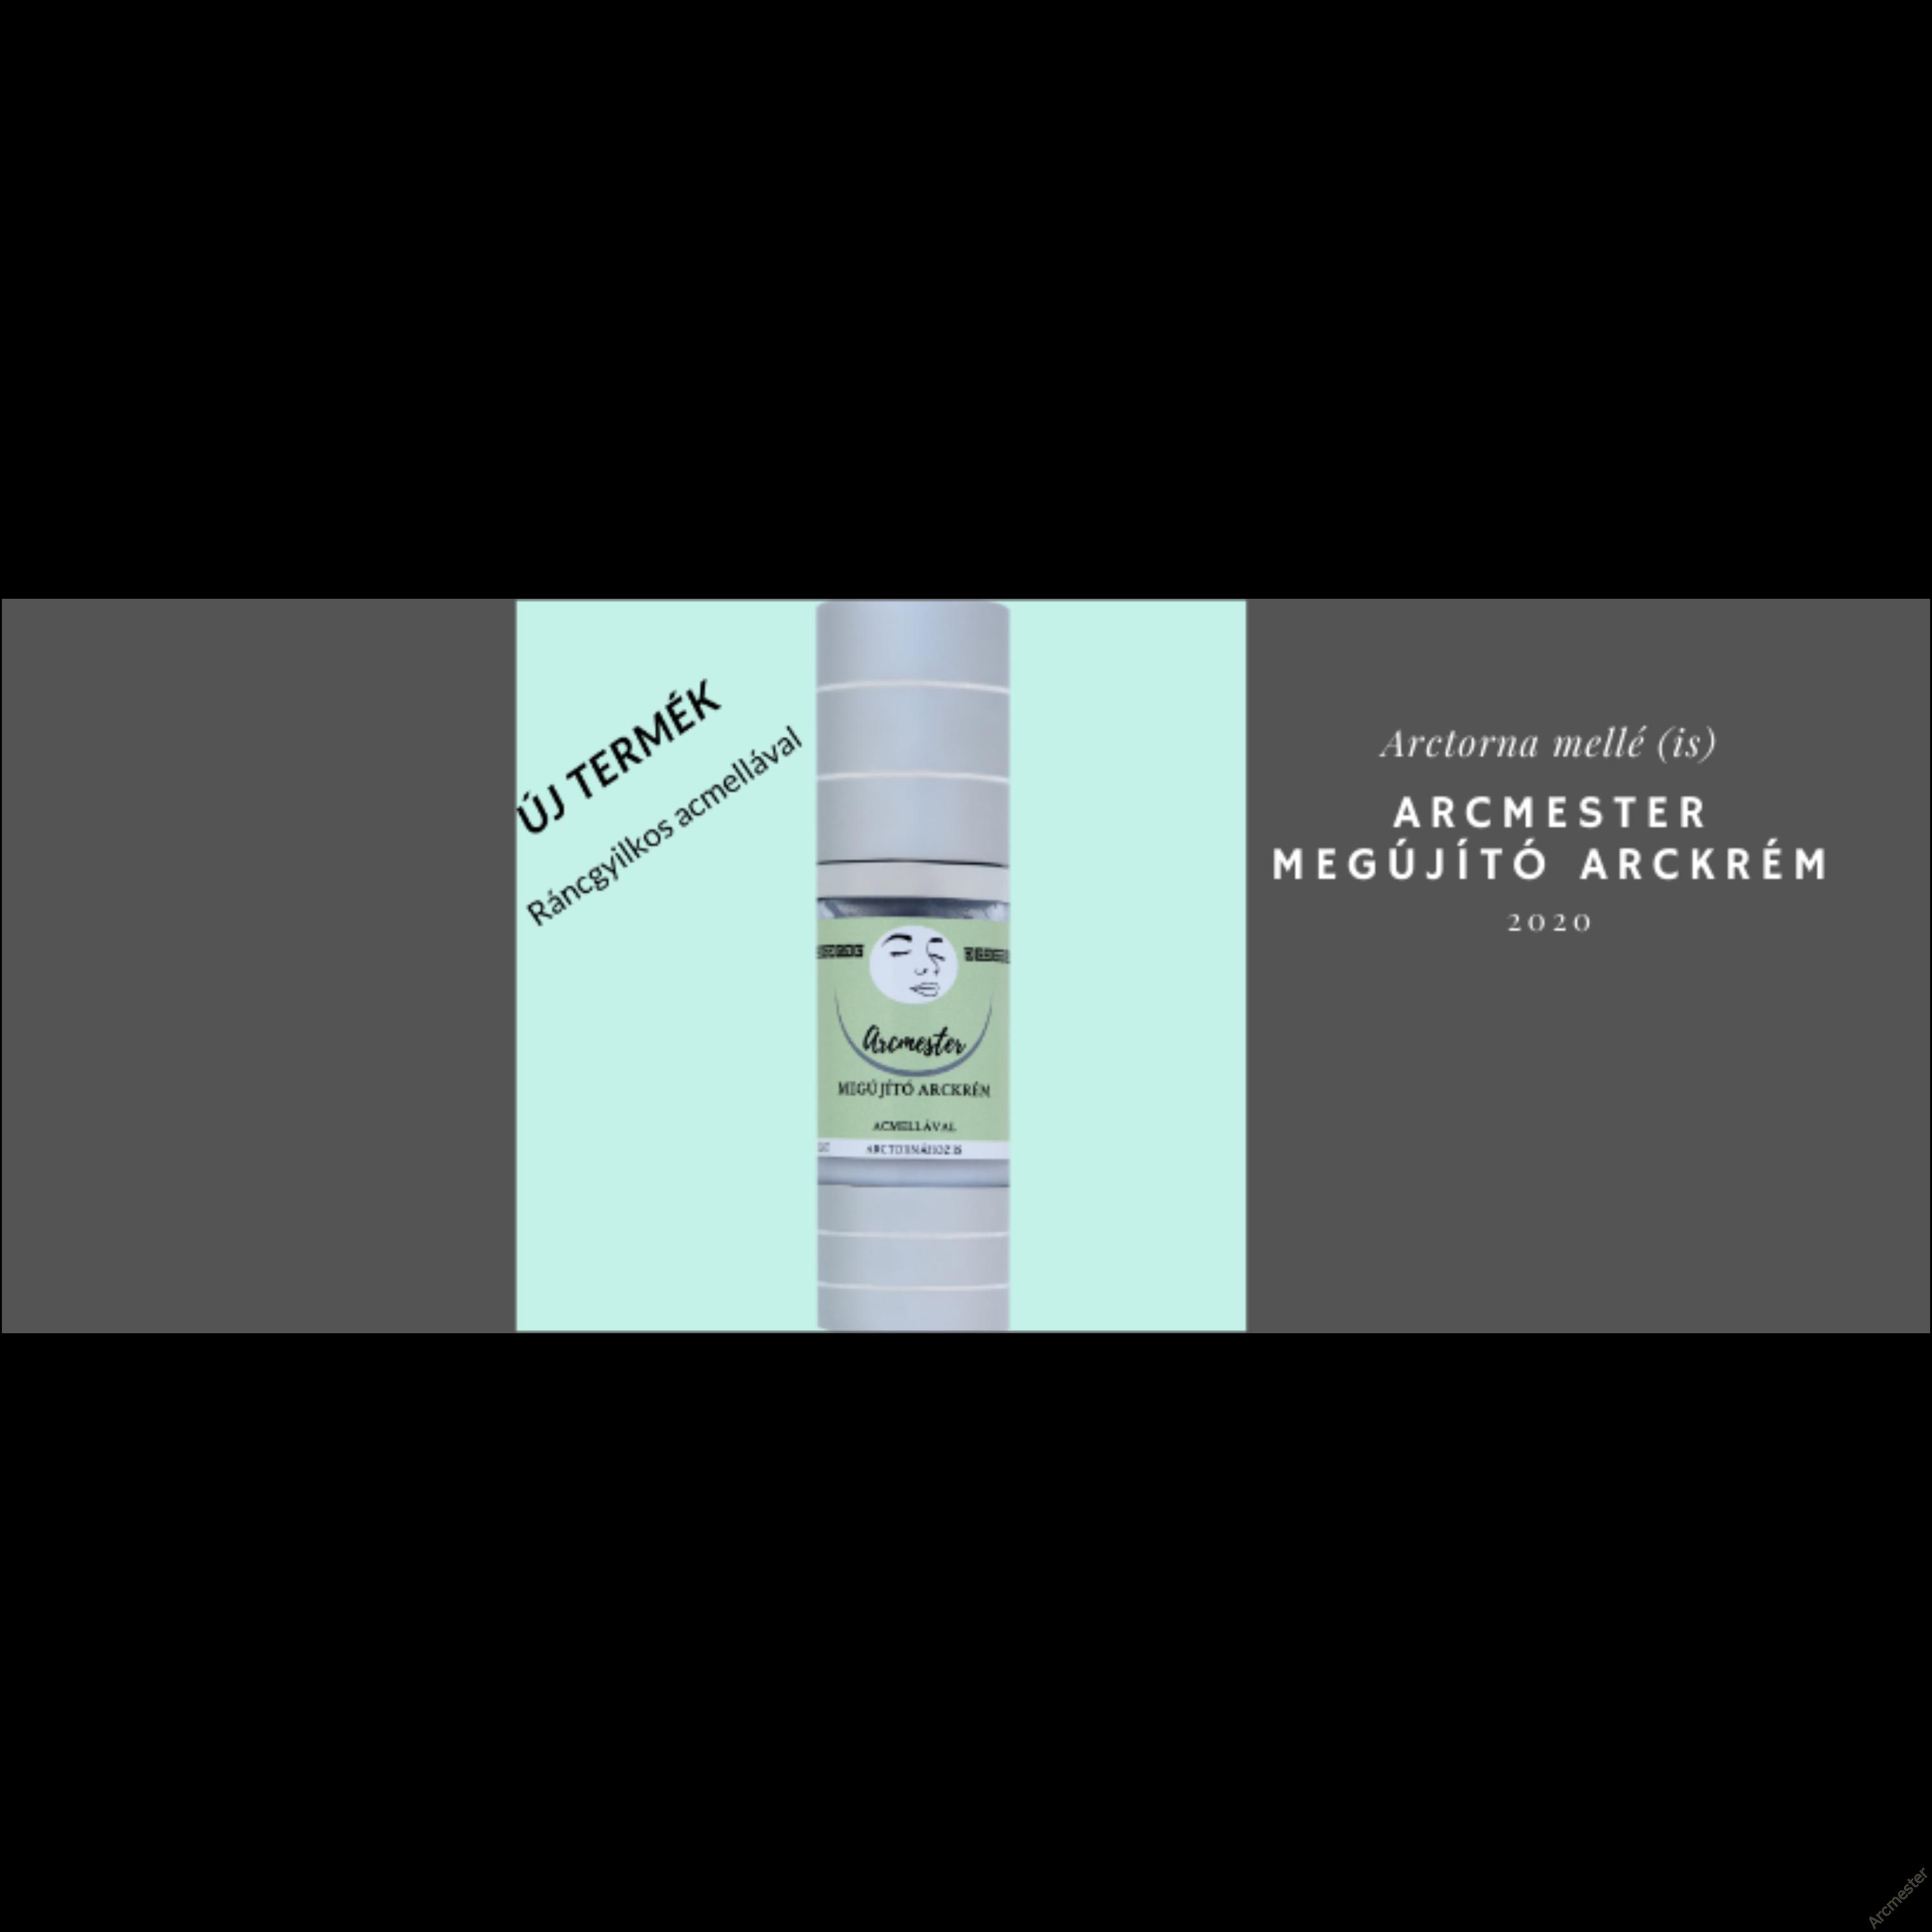 ARCMESTER MEGÚJÍTÓ ARCKRÉM Ráncgyilkos Acmellával -natúrkozmetikum